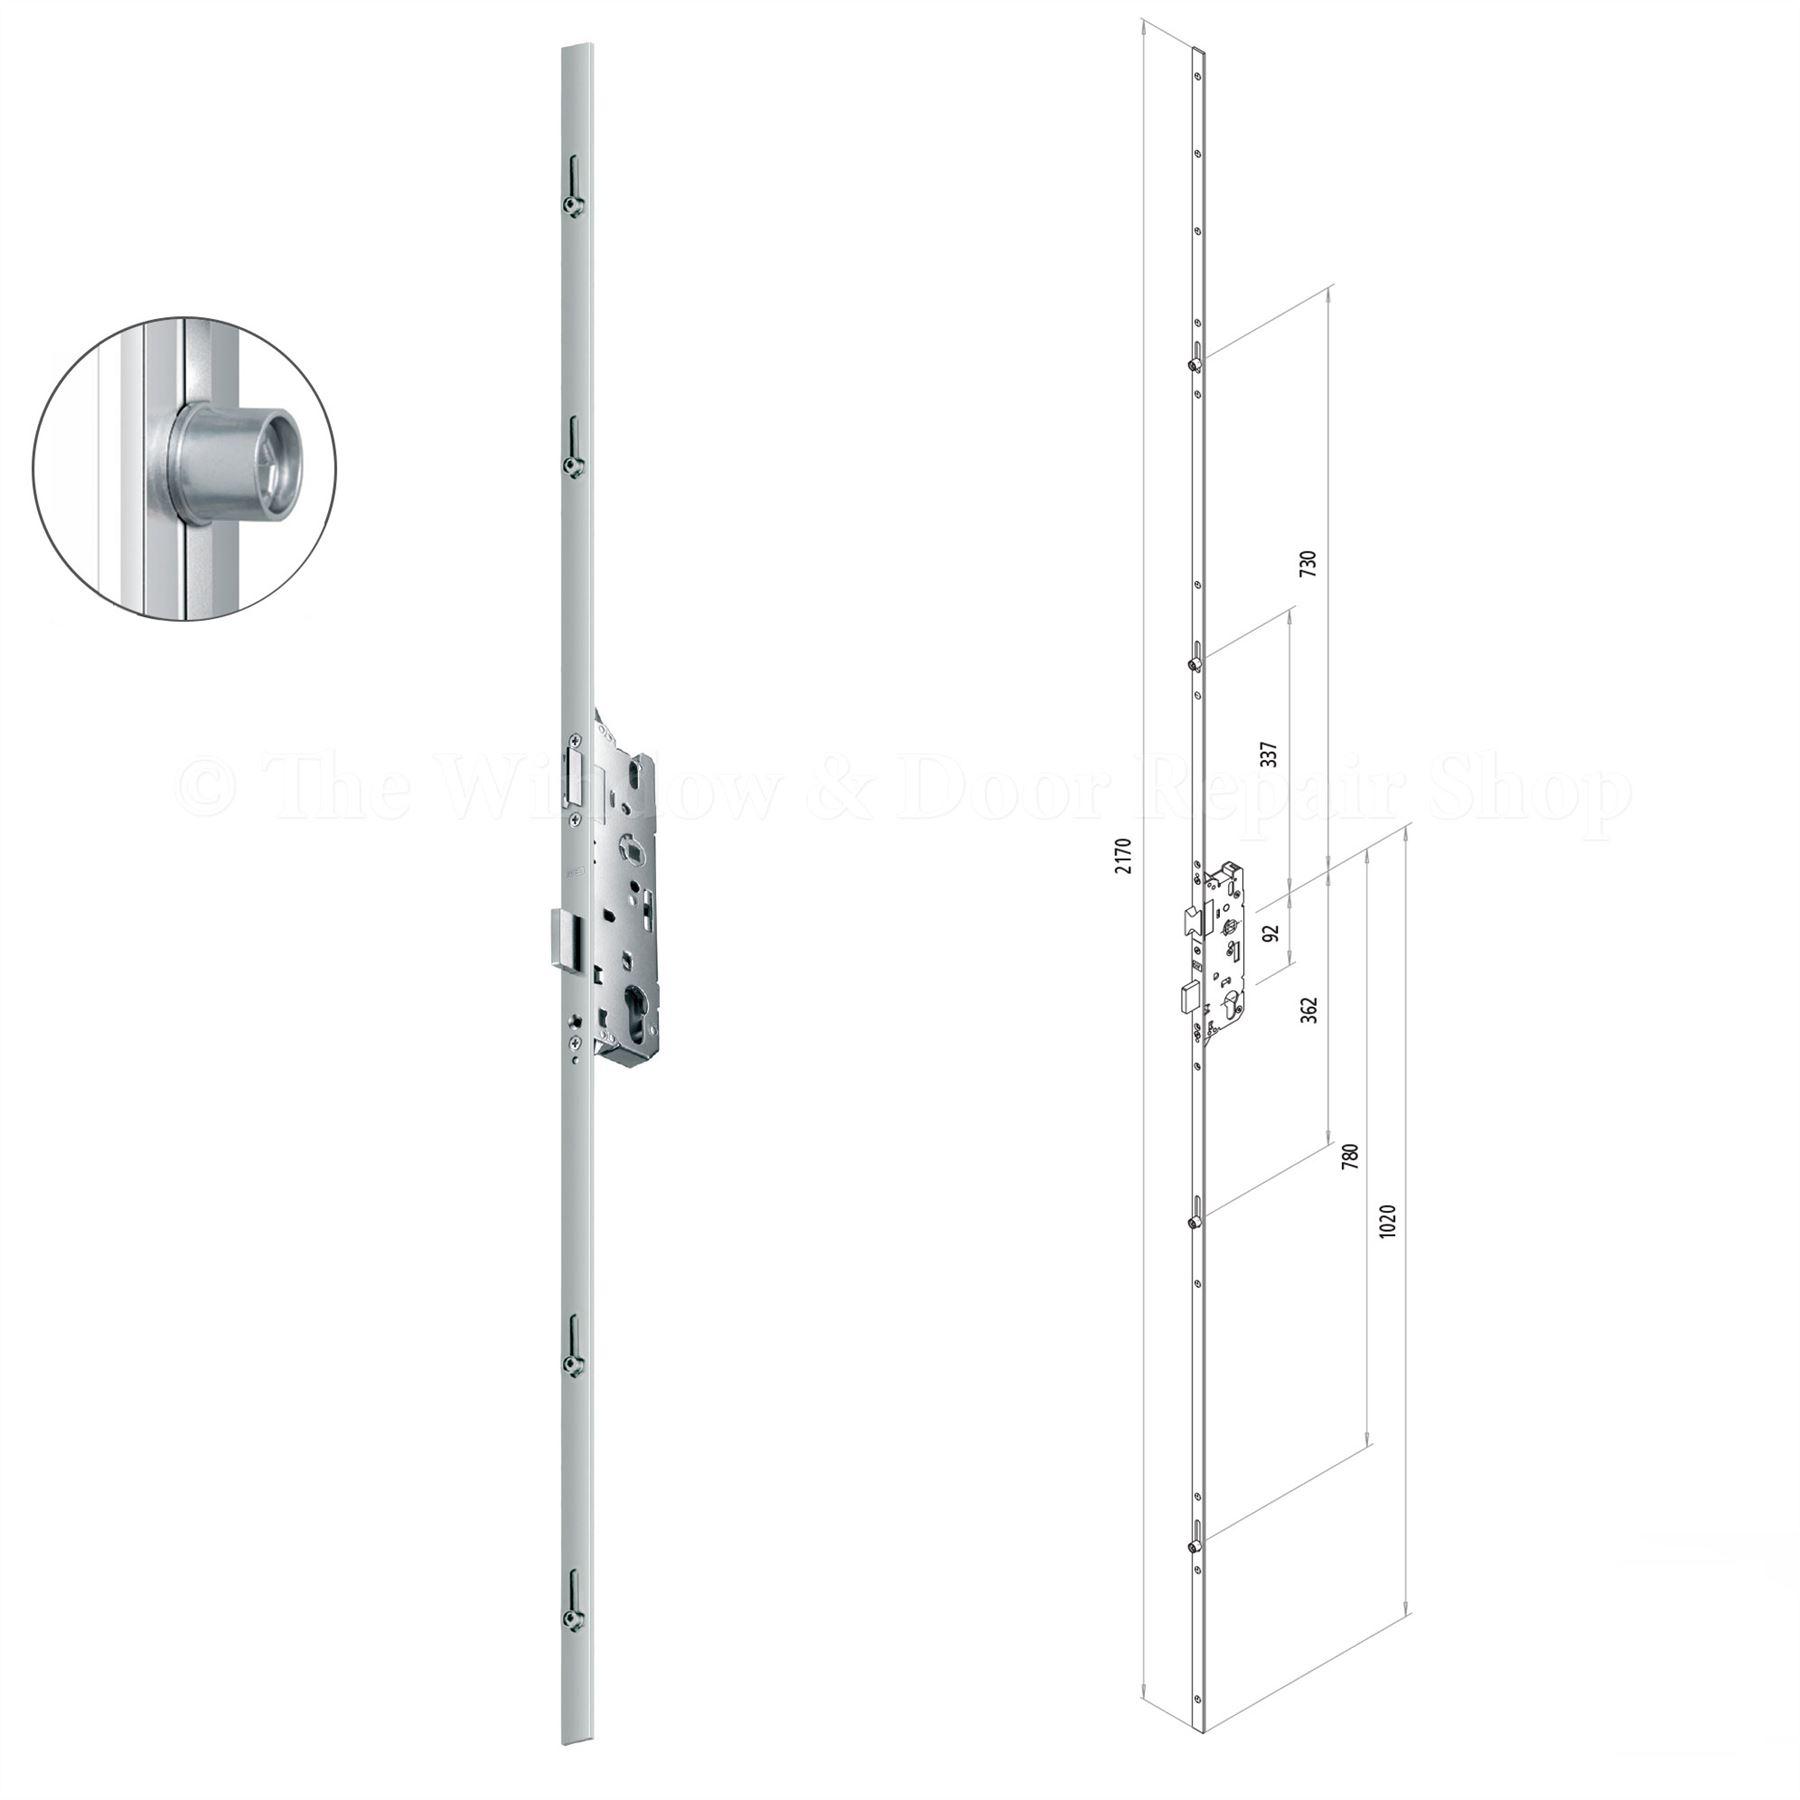 Fuhr 856 Multi Point Upvc Door Lock Replacement Mechanism